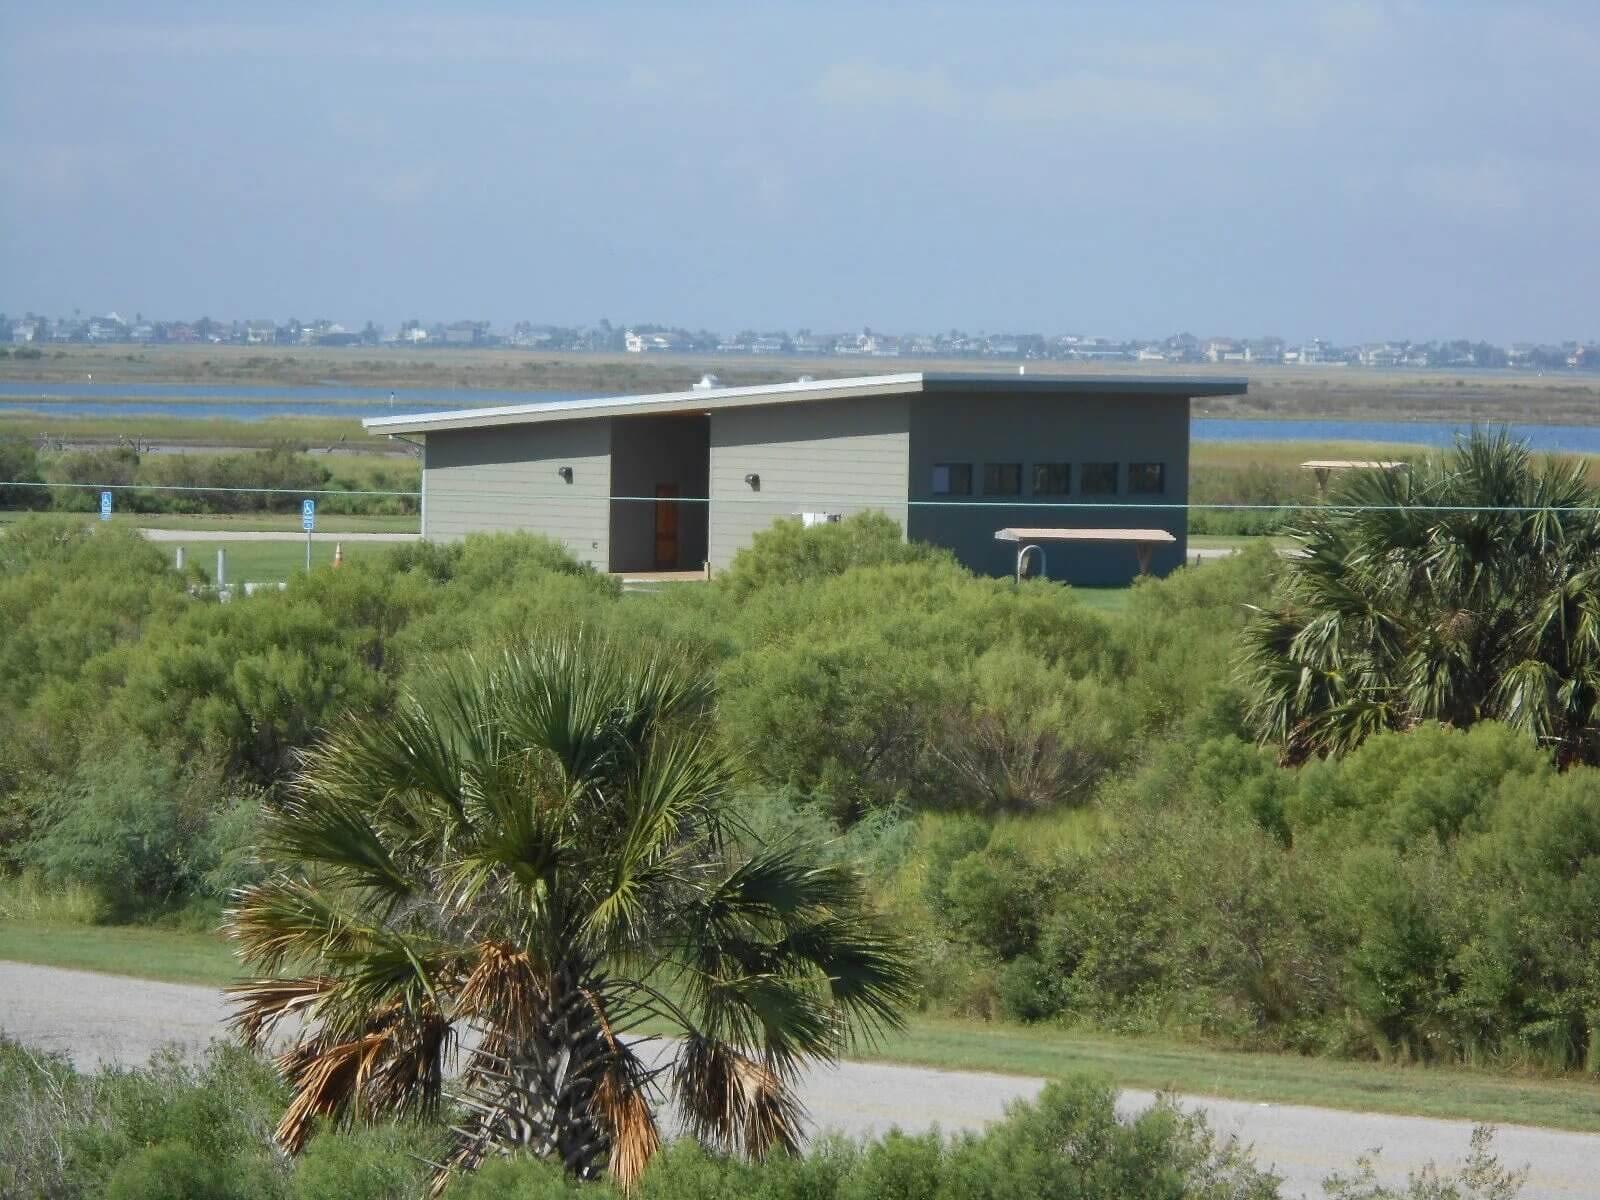 Texas Parks & Wildlife Department Region 4 Headquarters